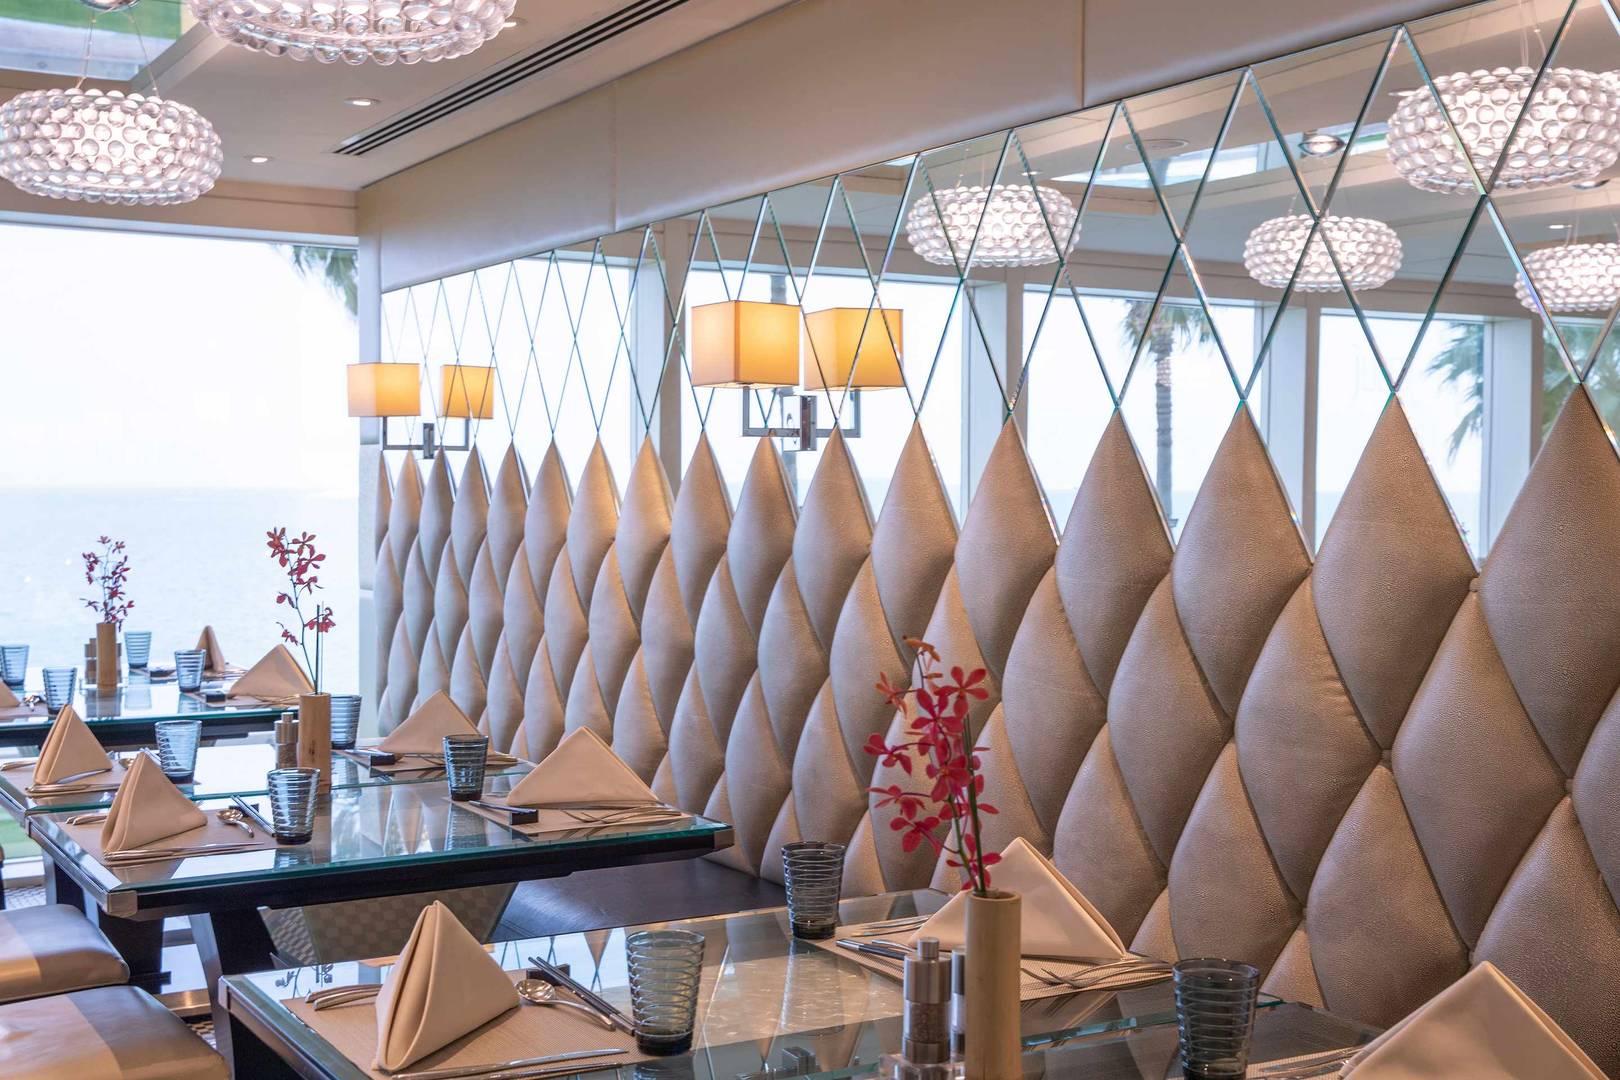 卓美亚帆船酒店 Junsui 餐厅内部